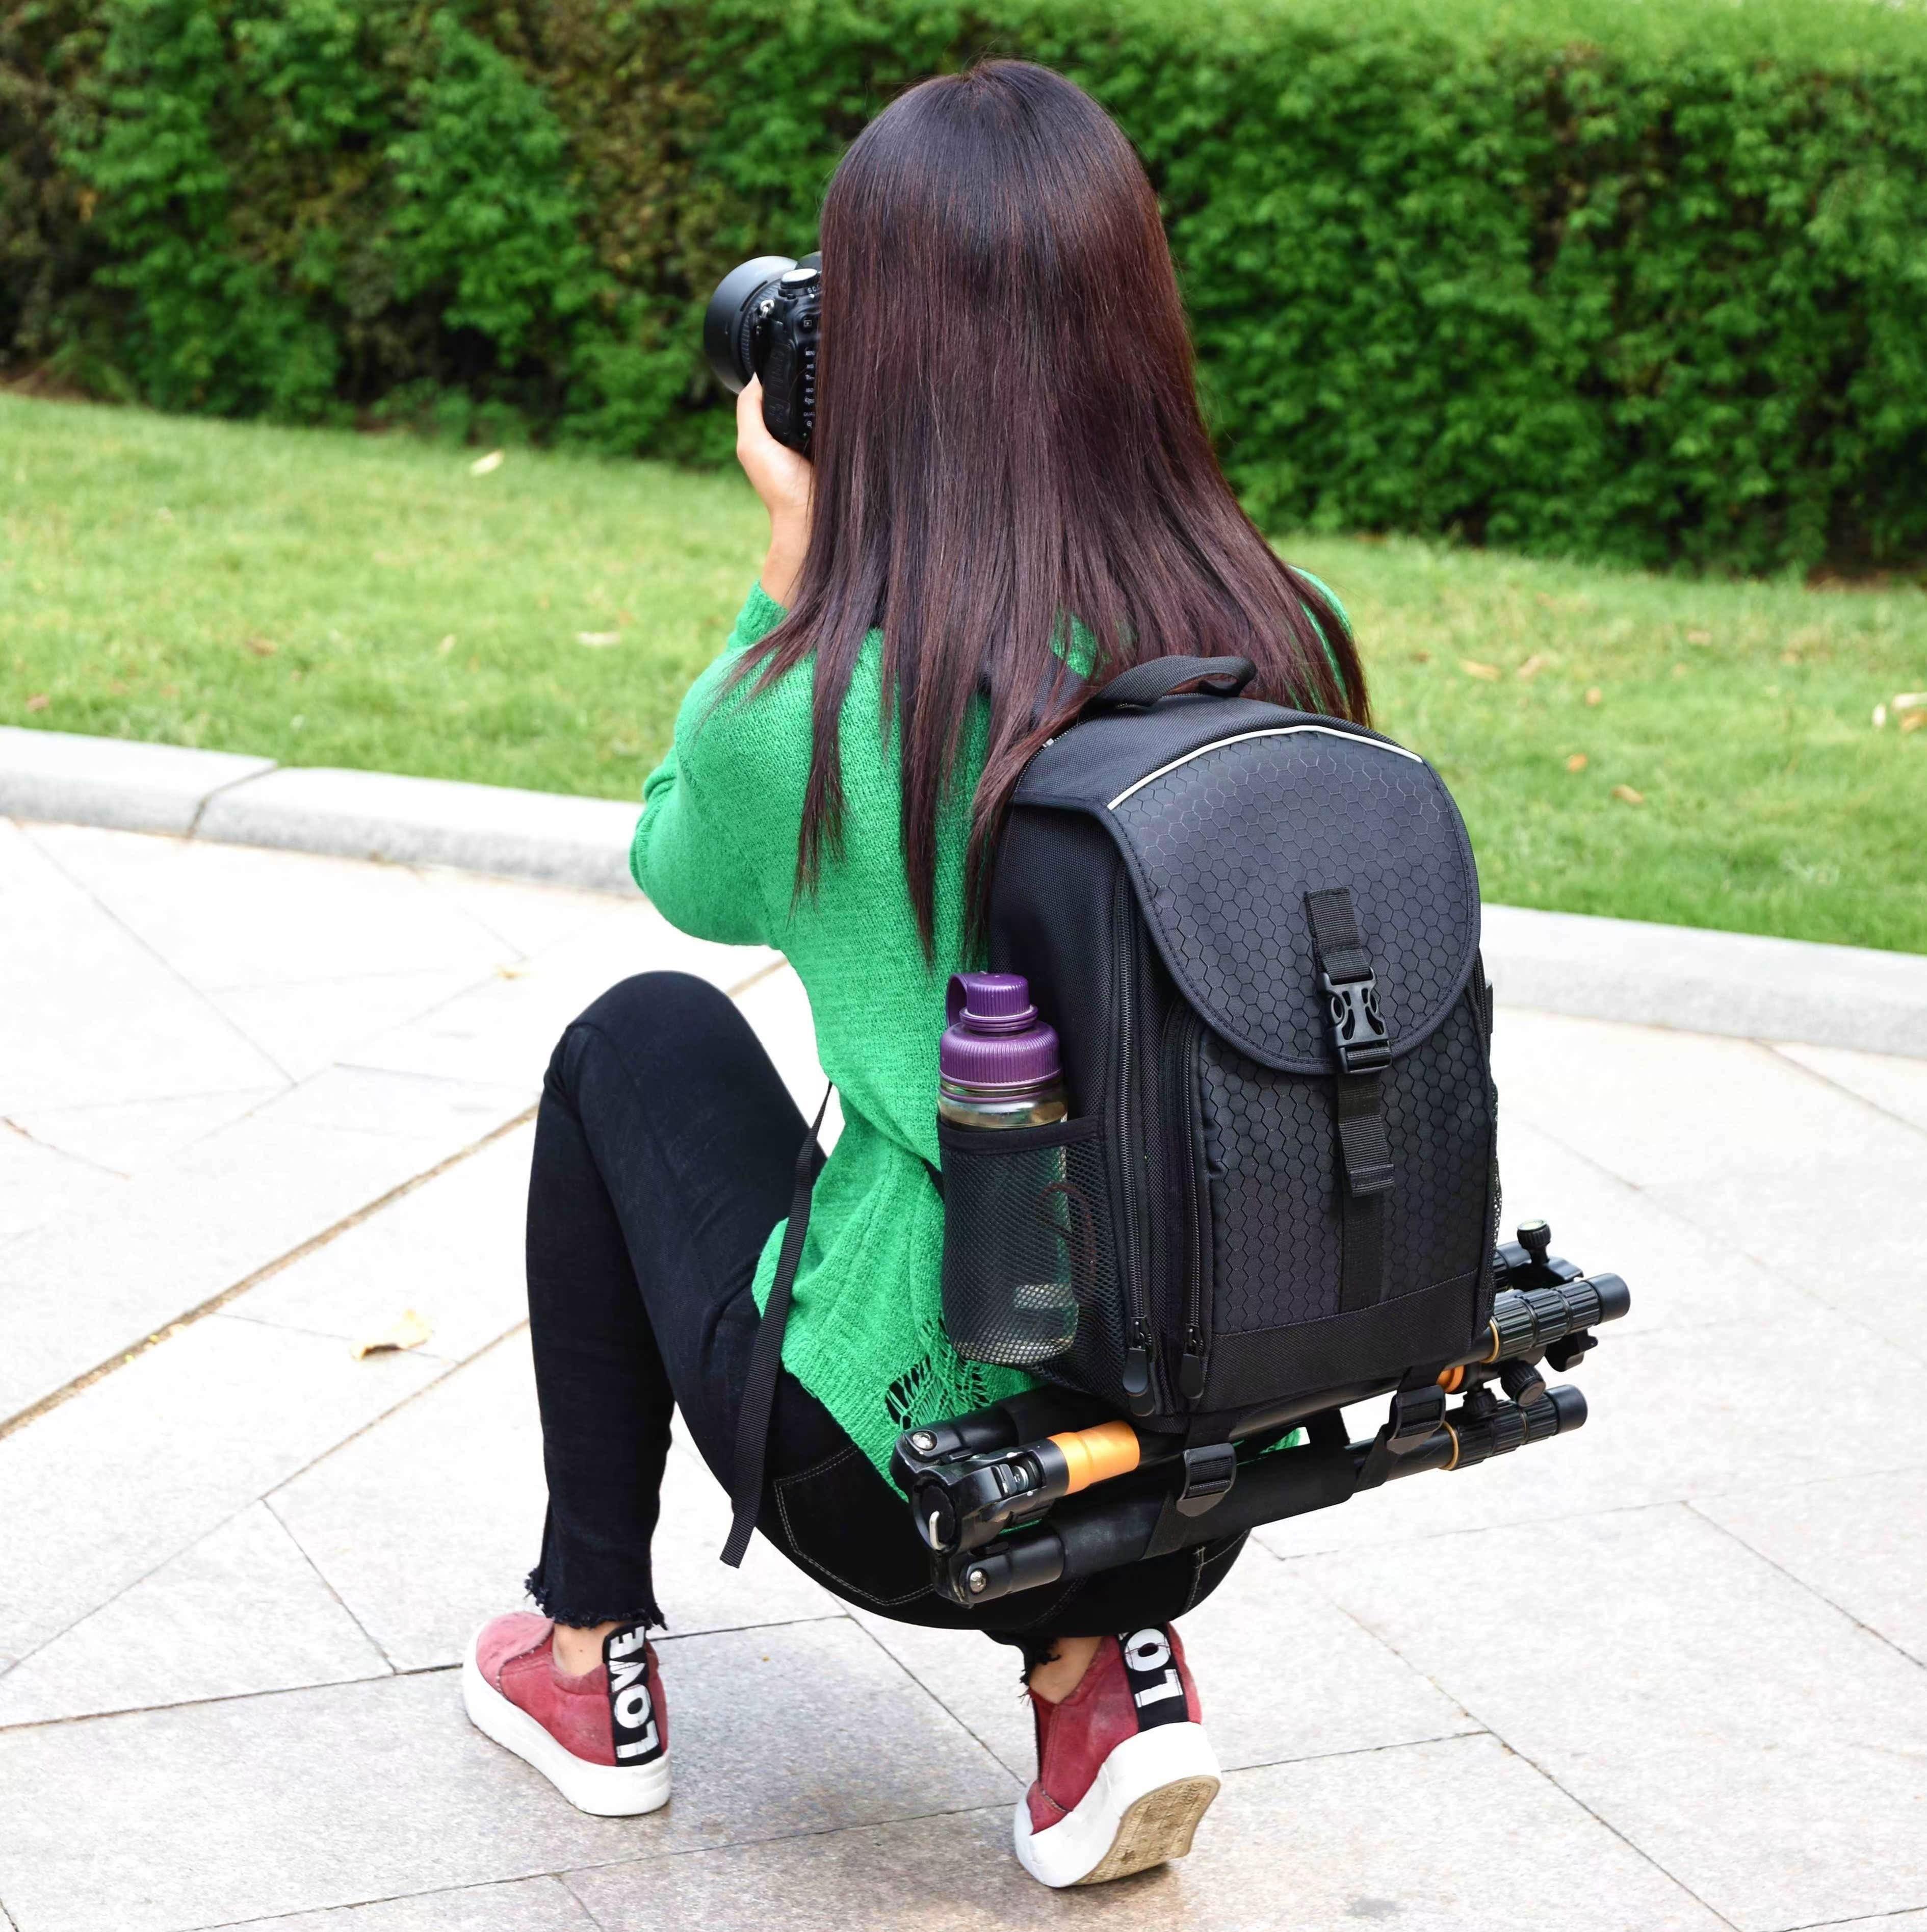 致泰相机包单反摄影包双肩背包大容量数码专业防水防盗户外男女